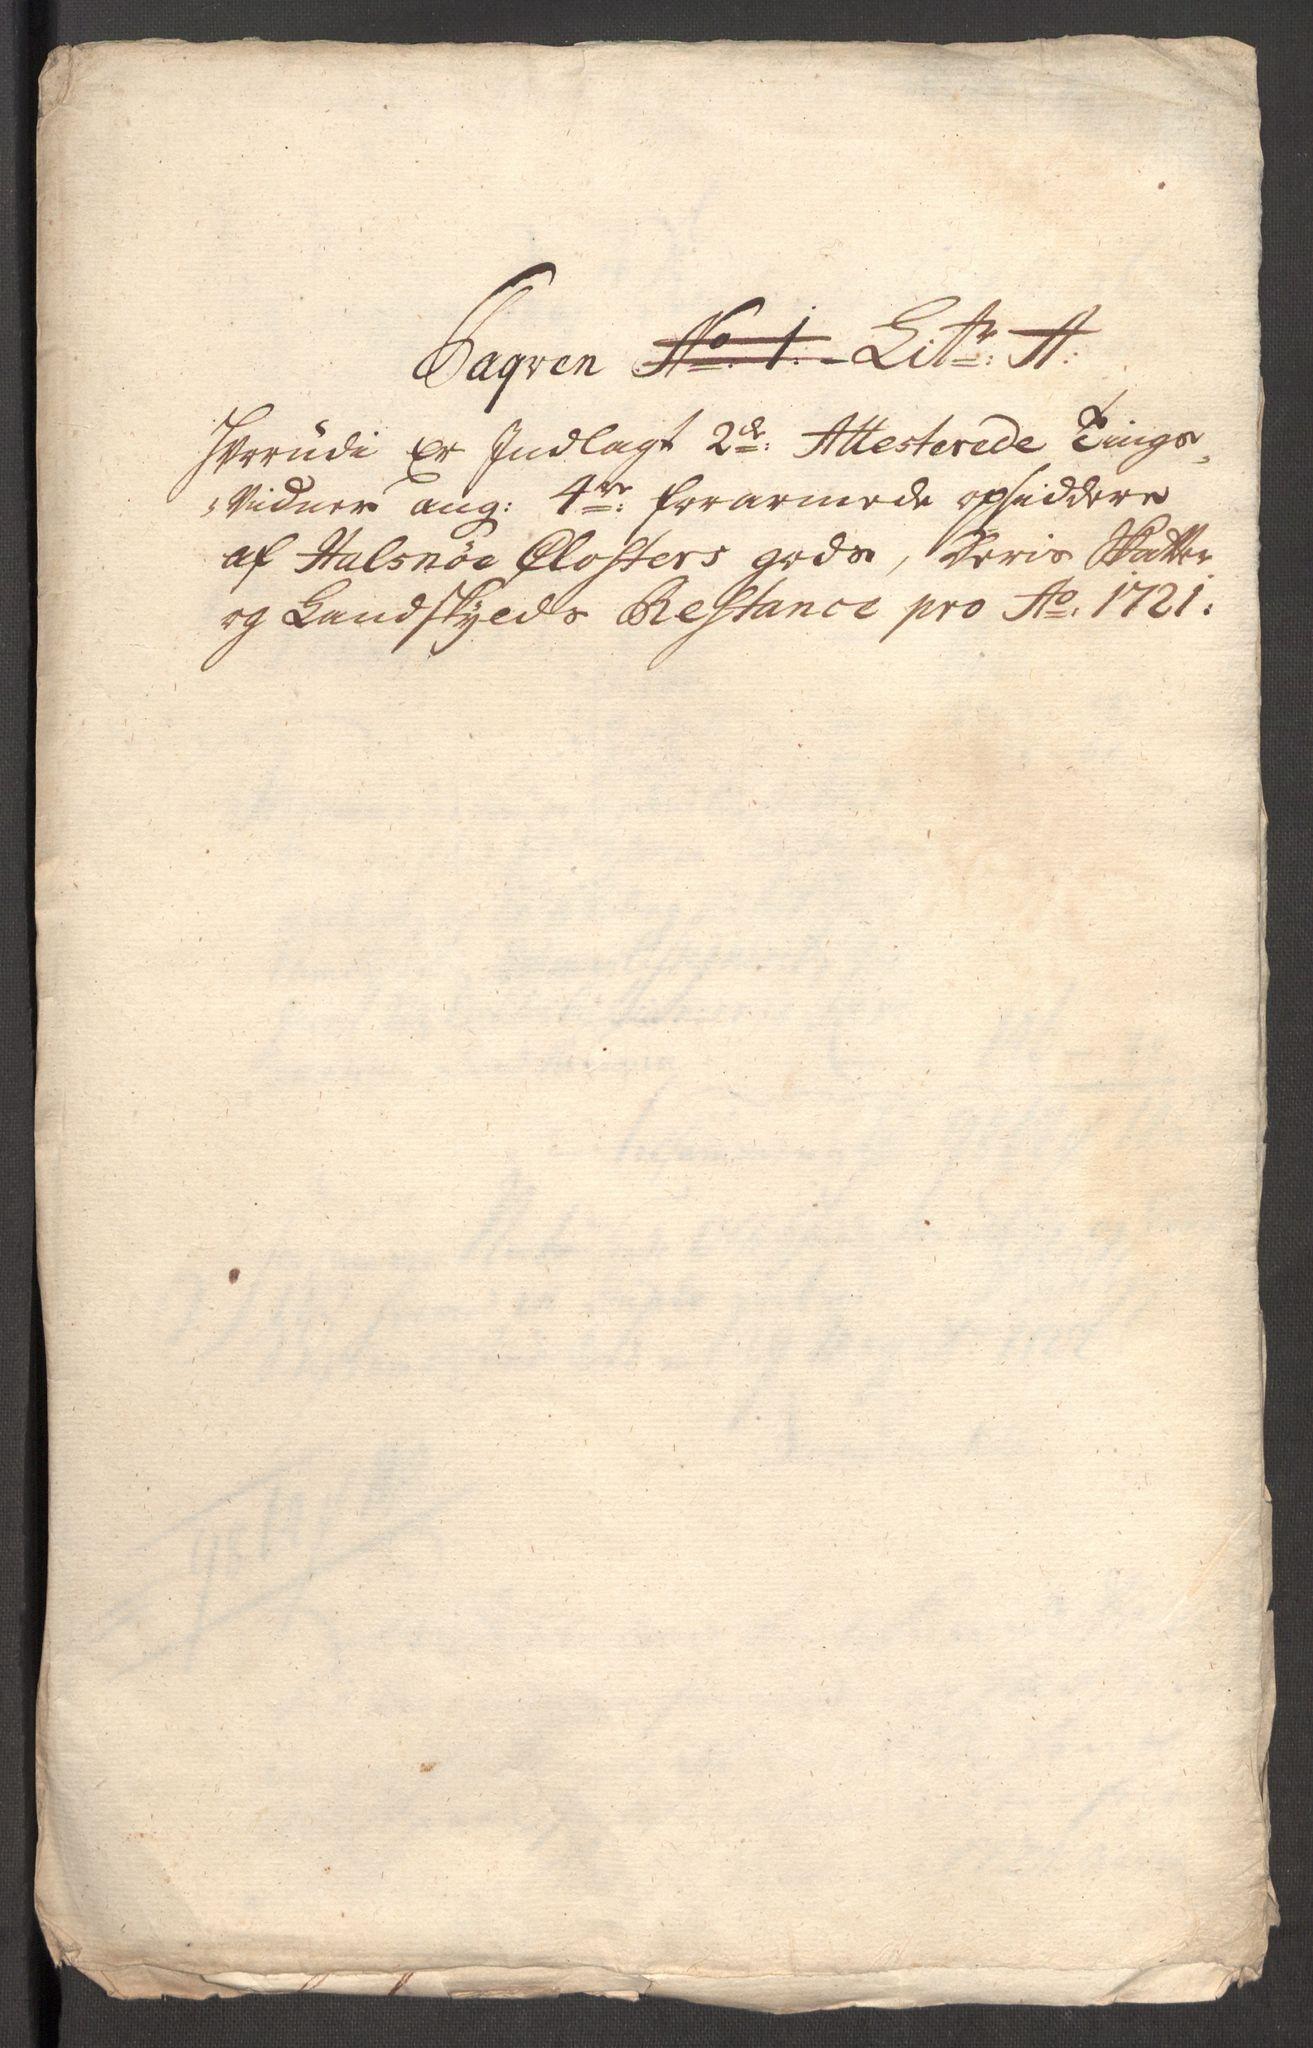 RA, Rentekammeret inntil 1814, Reviderte regnskaper, Fogderegnskap, R48/L3000: Fogderegnskap Sunnhordland og Hardanger, 1721, s. 437